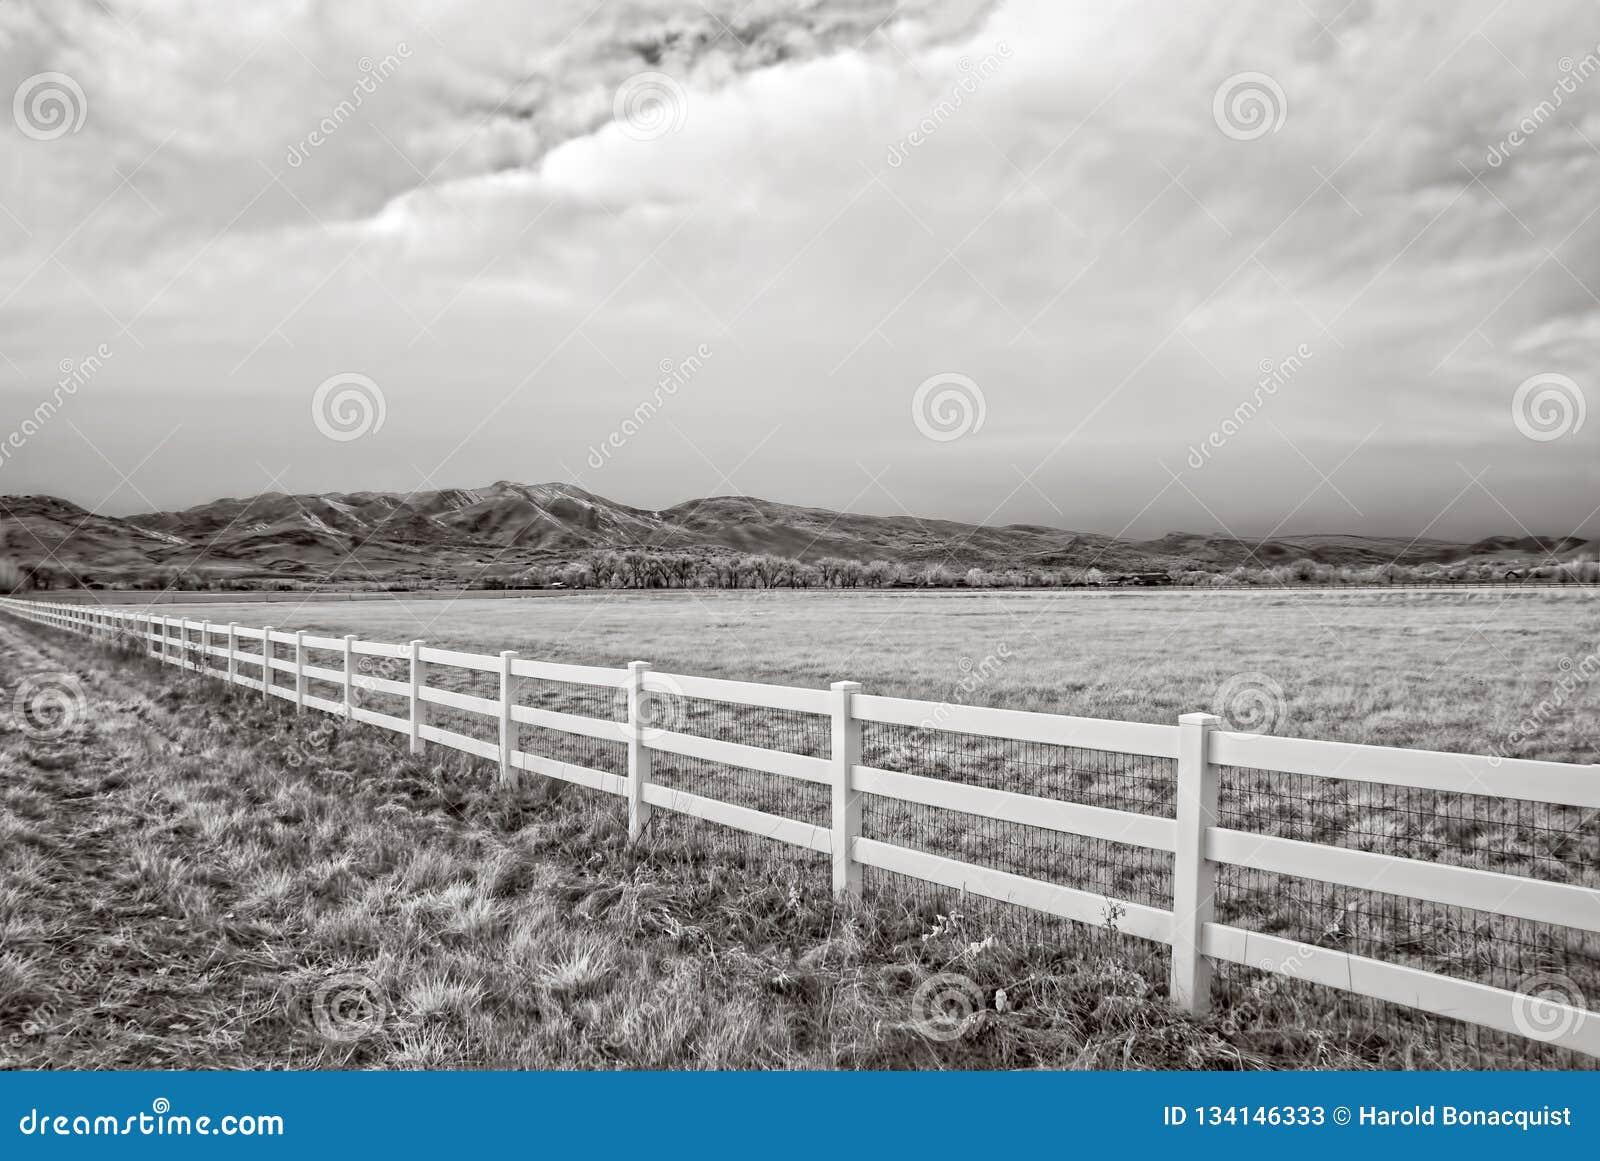 Ультракрасное изображение поля зимы вне Больдэра, Колорадо